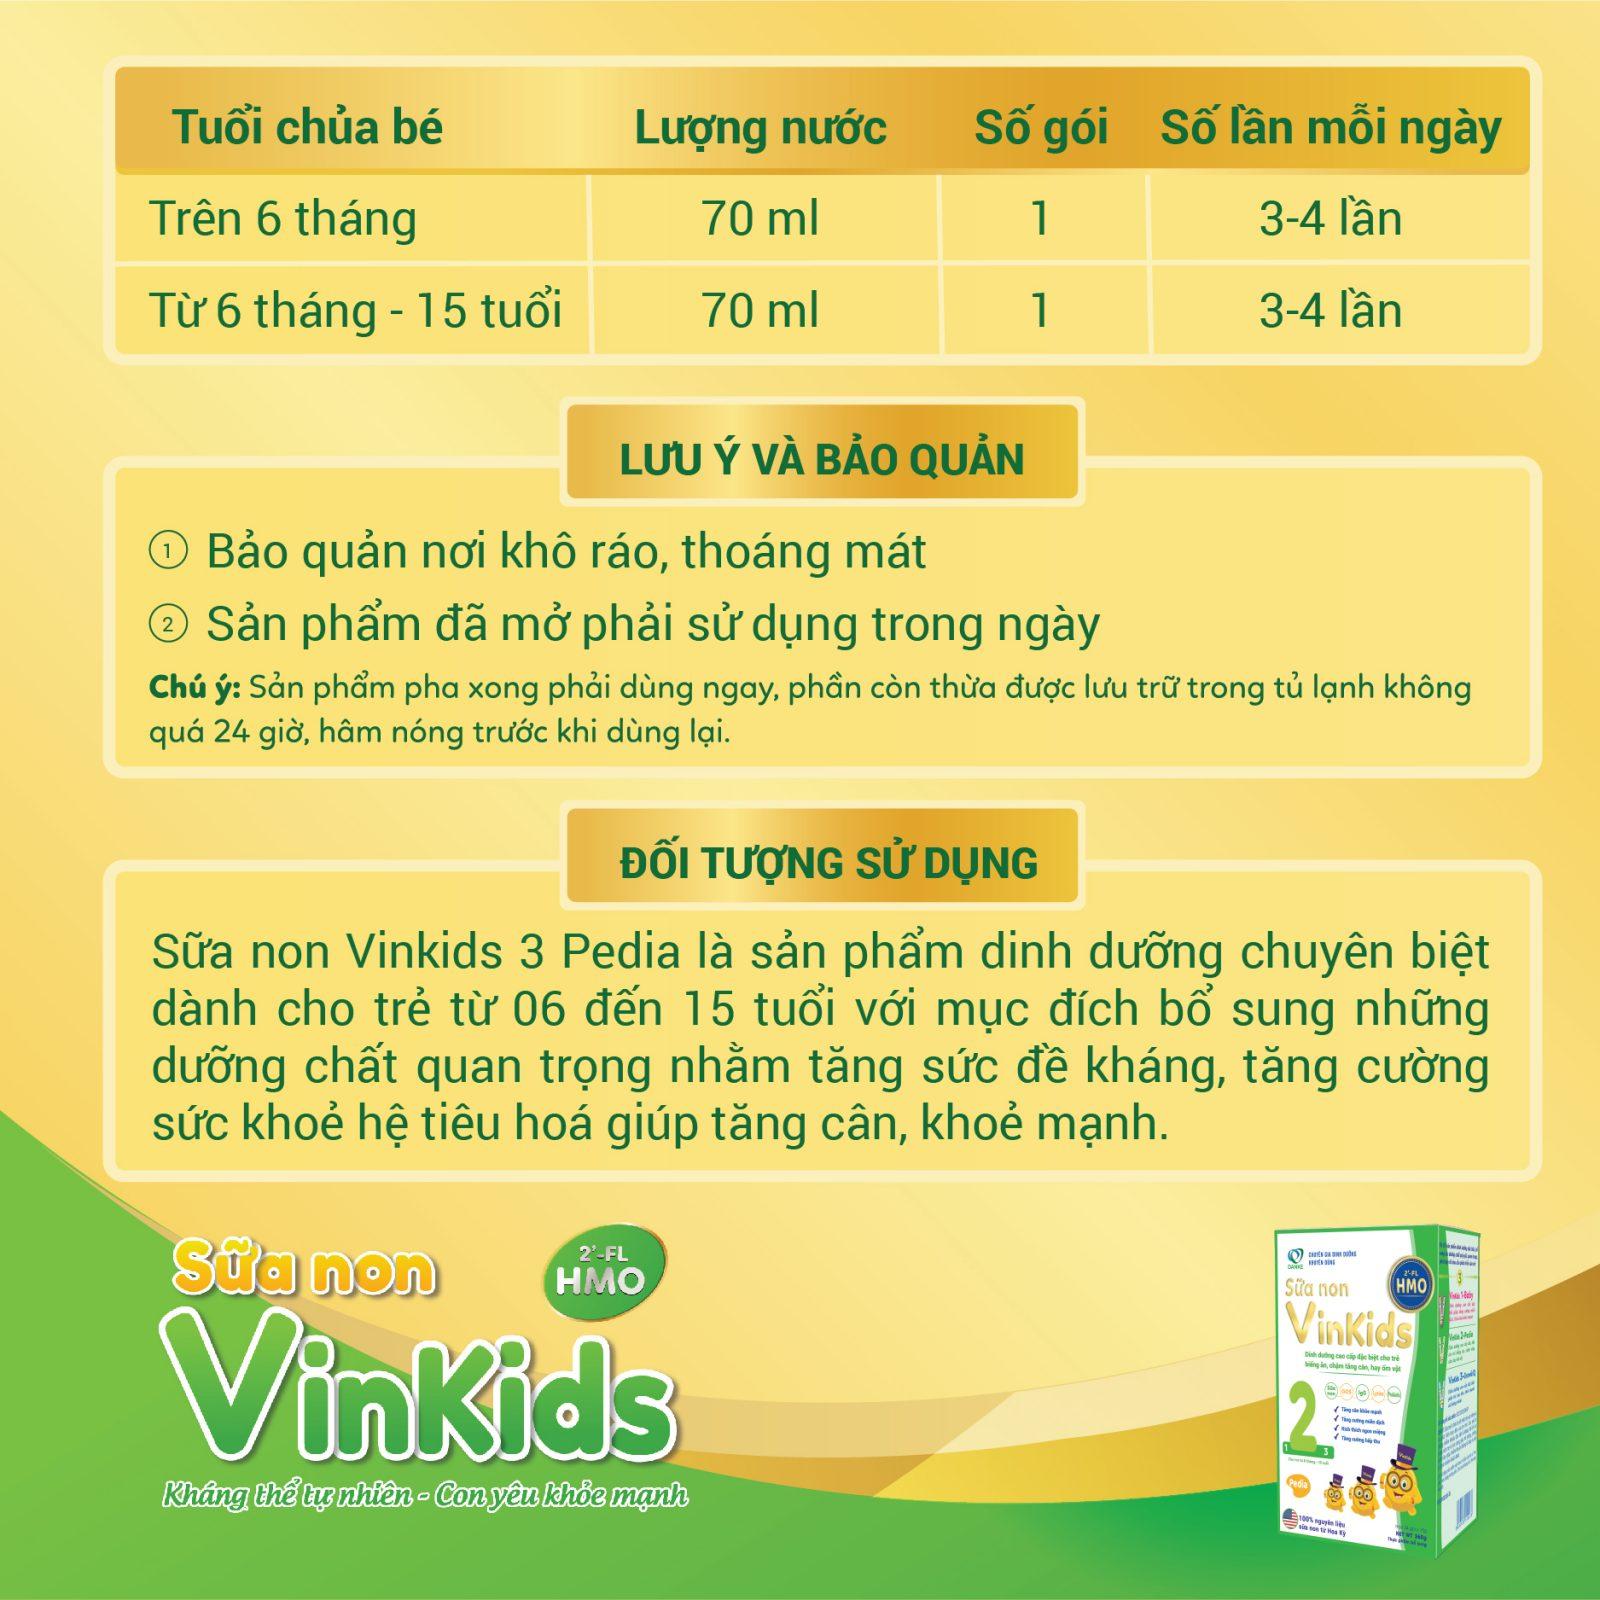 Hướng dẫn sử dụng sữa non Vinkids số 2 pedia